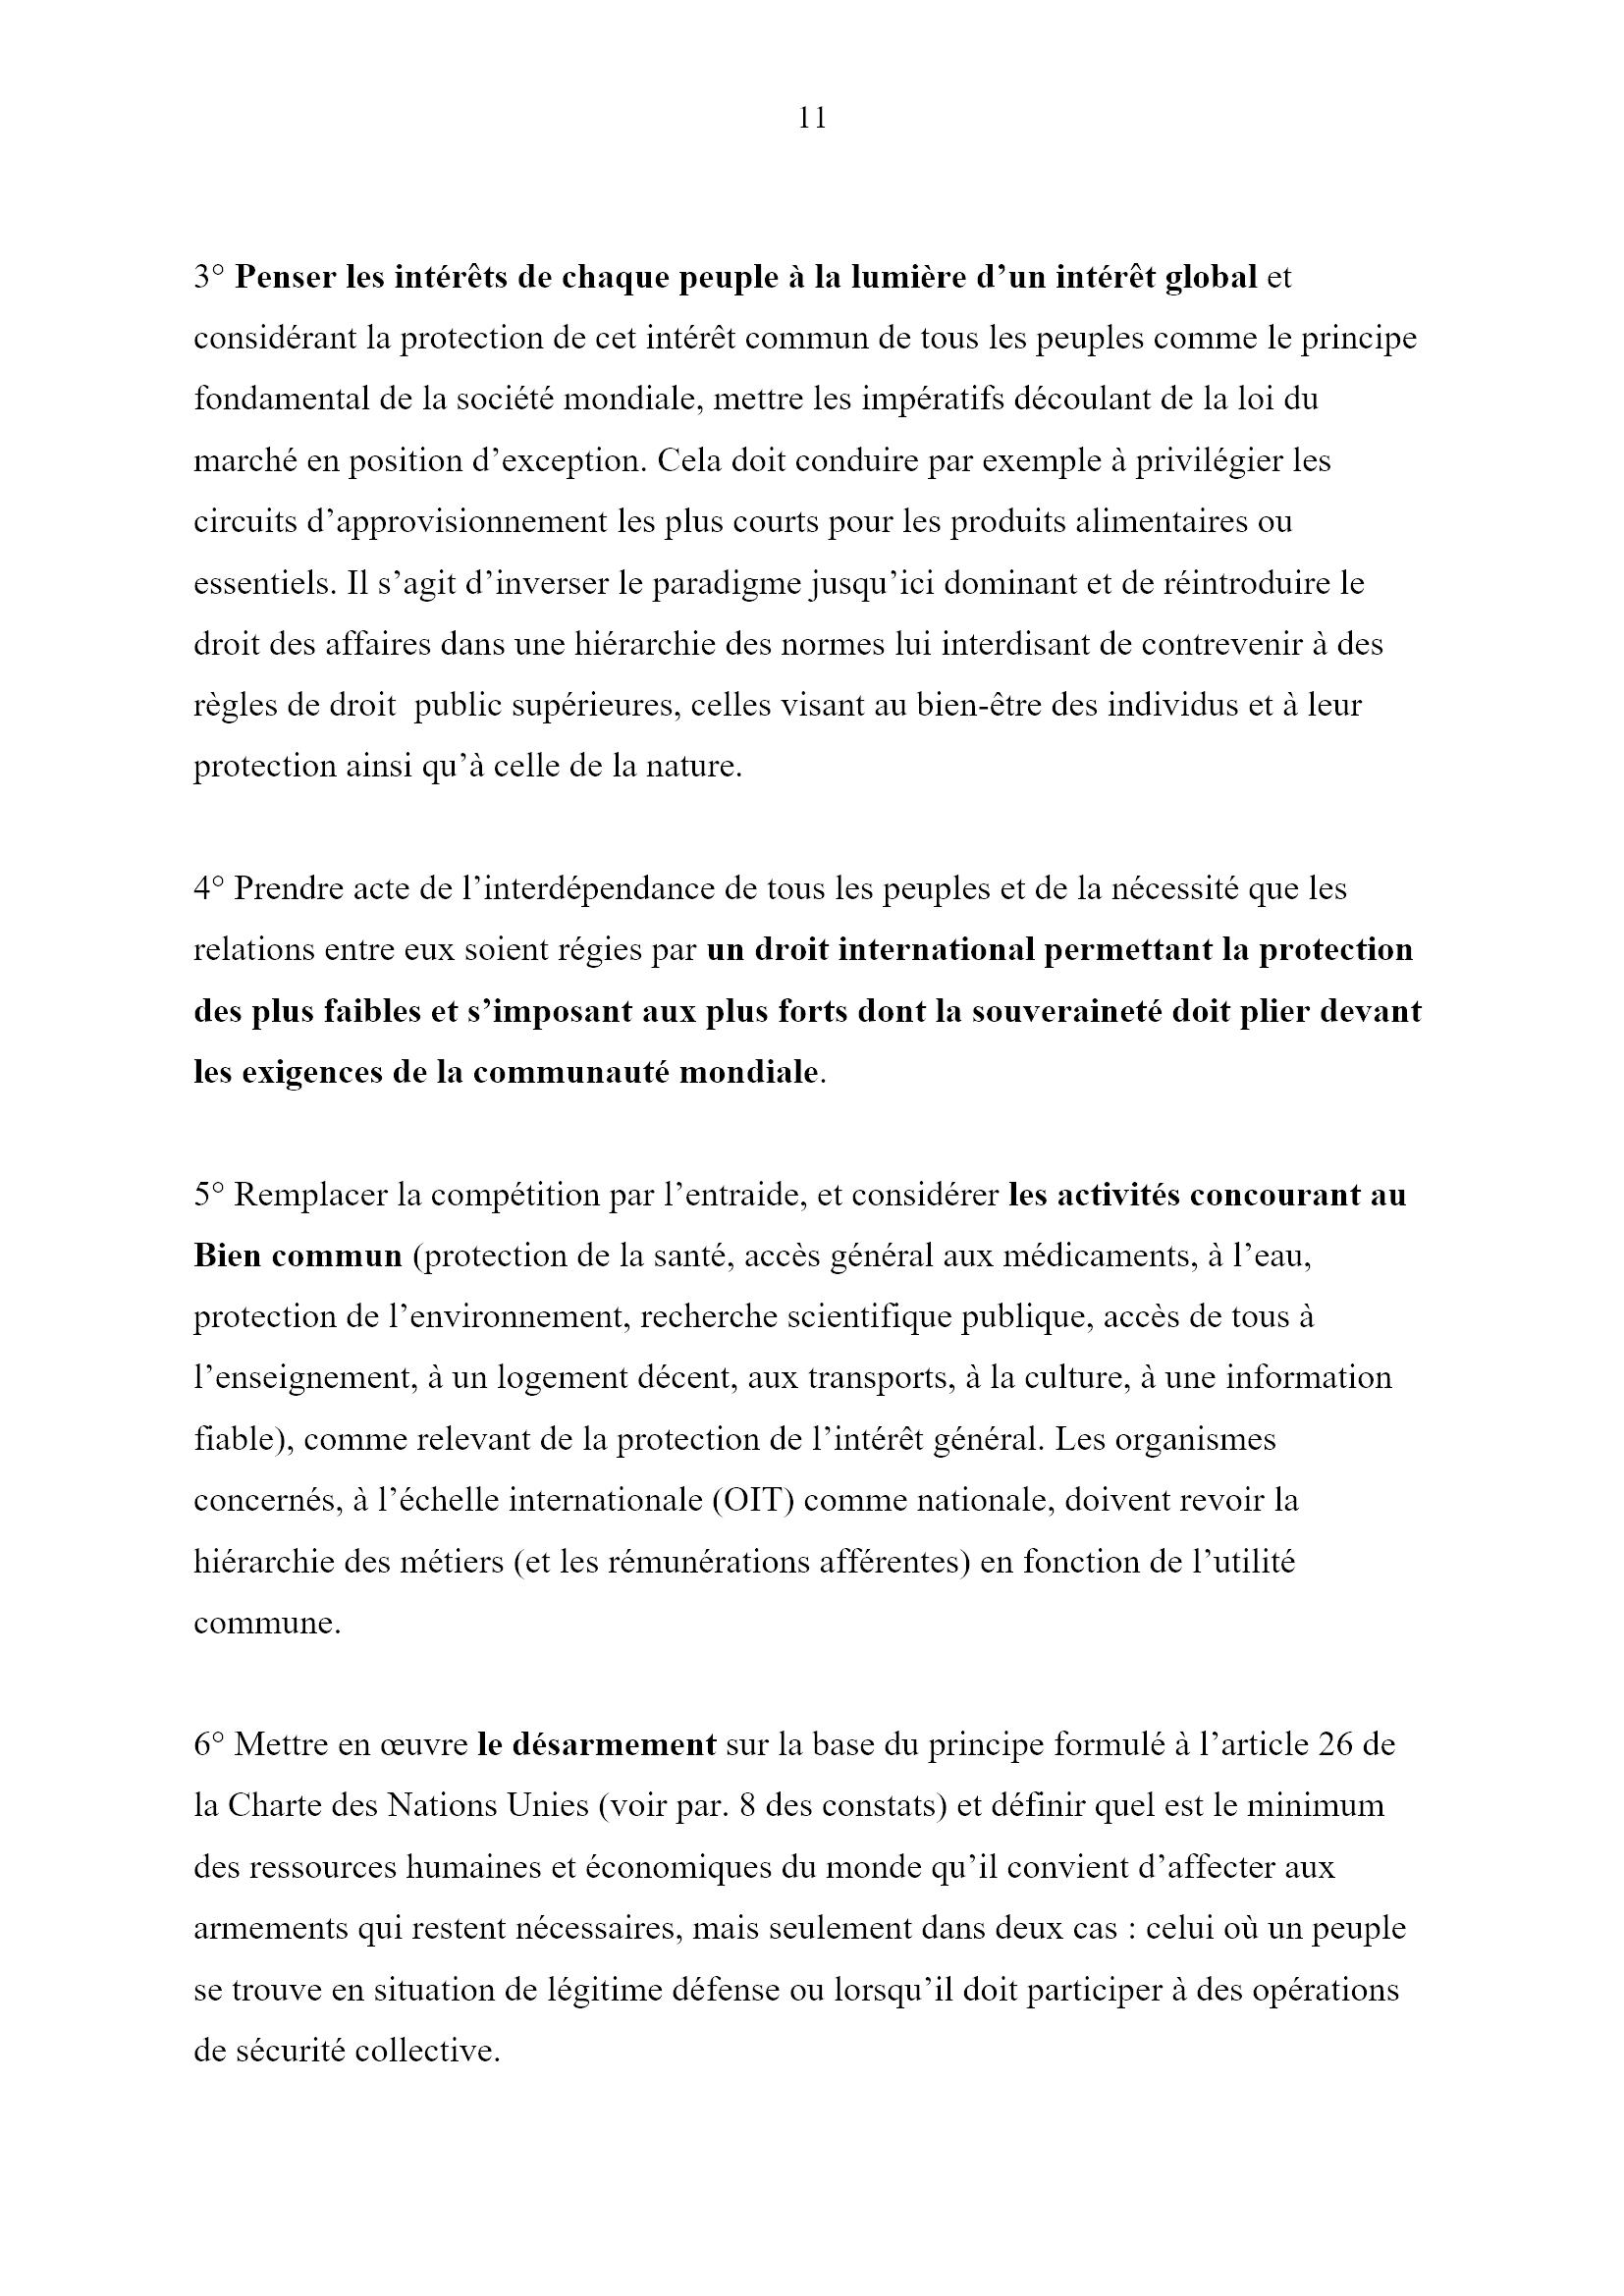 Des jours heureux... Monique Chemillier-Gendreau 11x16